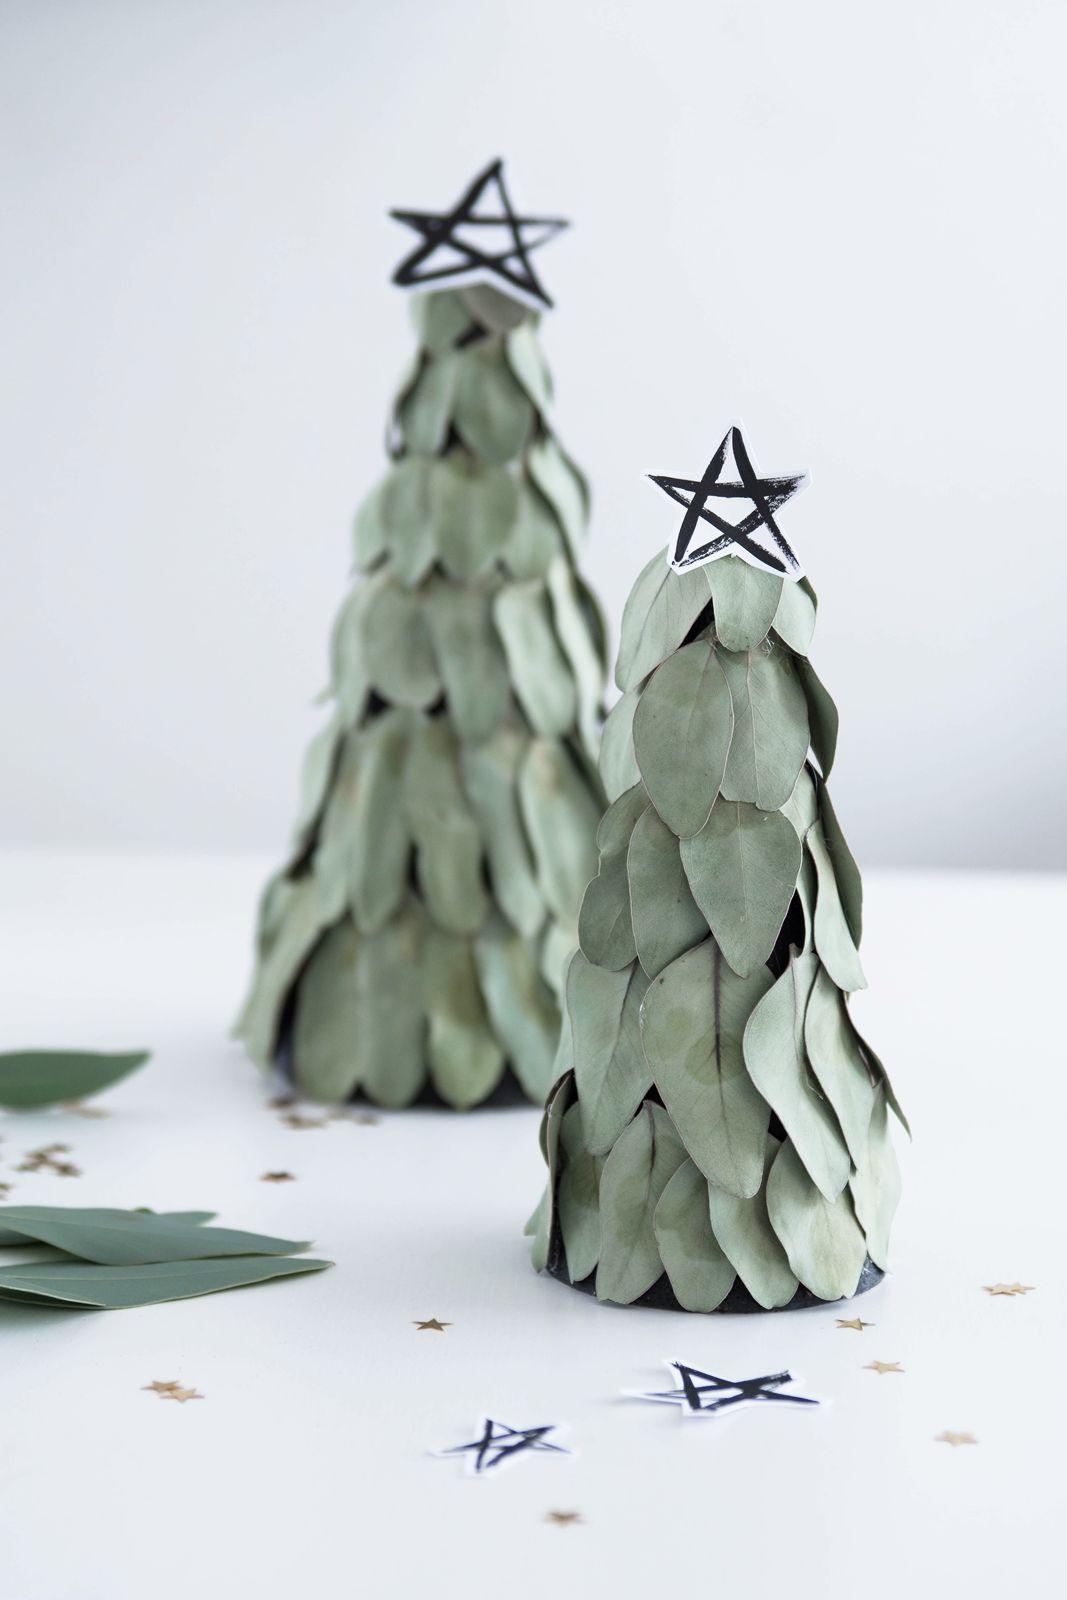 Kreativ adventskalender t rchen 17 eukalyptus b umchen x mas weihnachten noel - Weihnachtsstern dekorieren ...